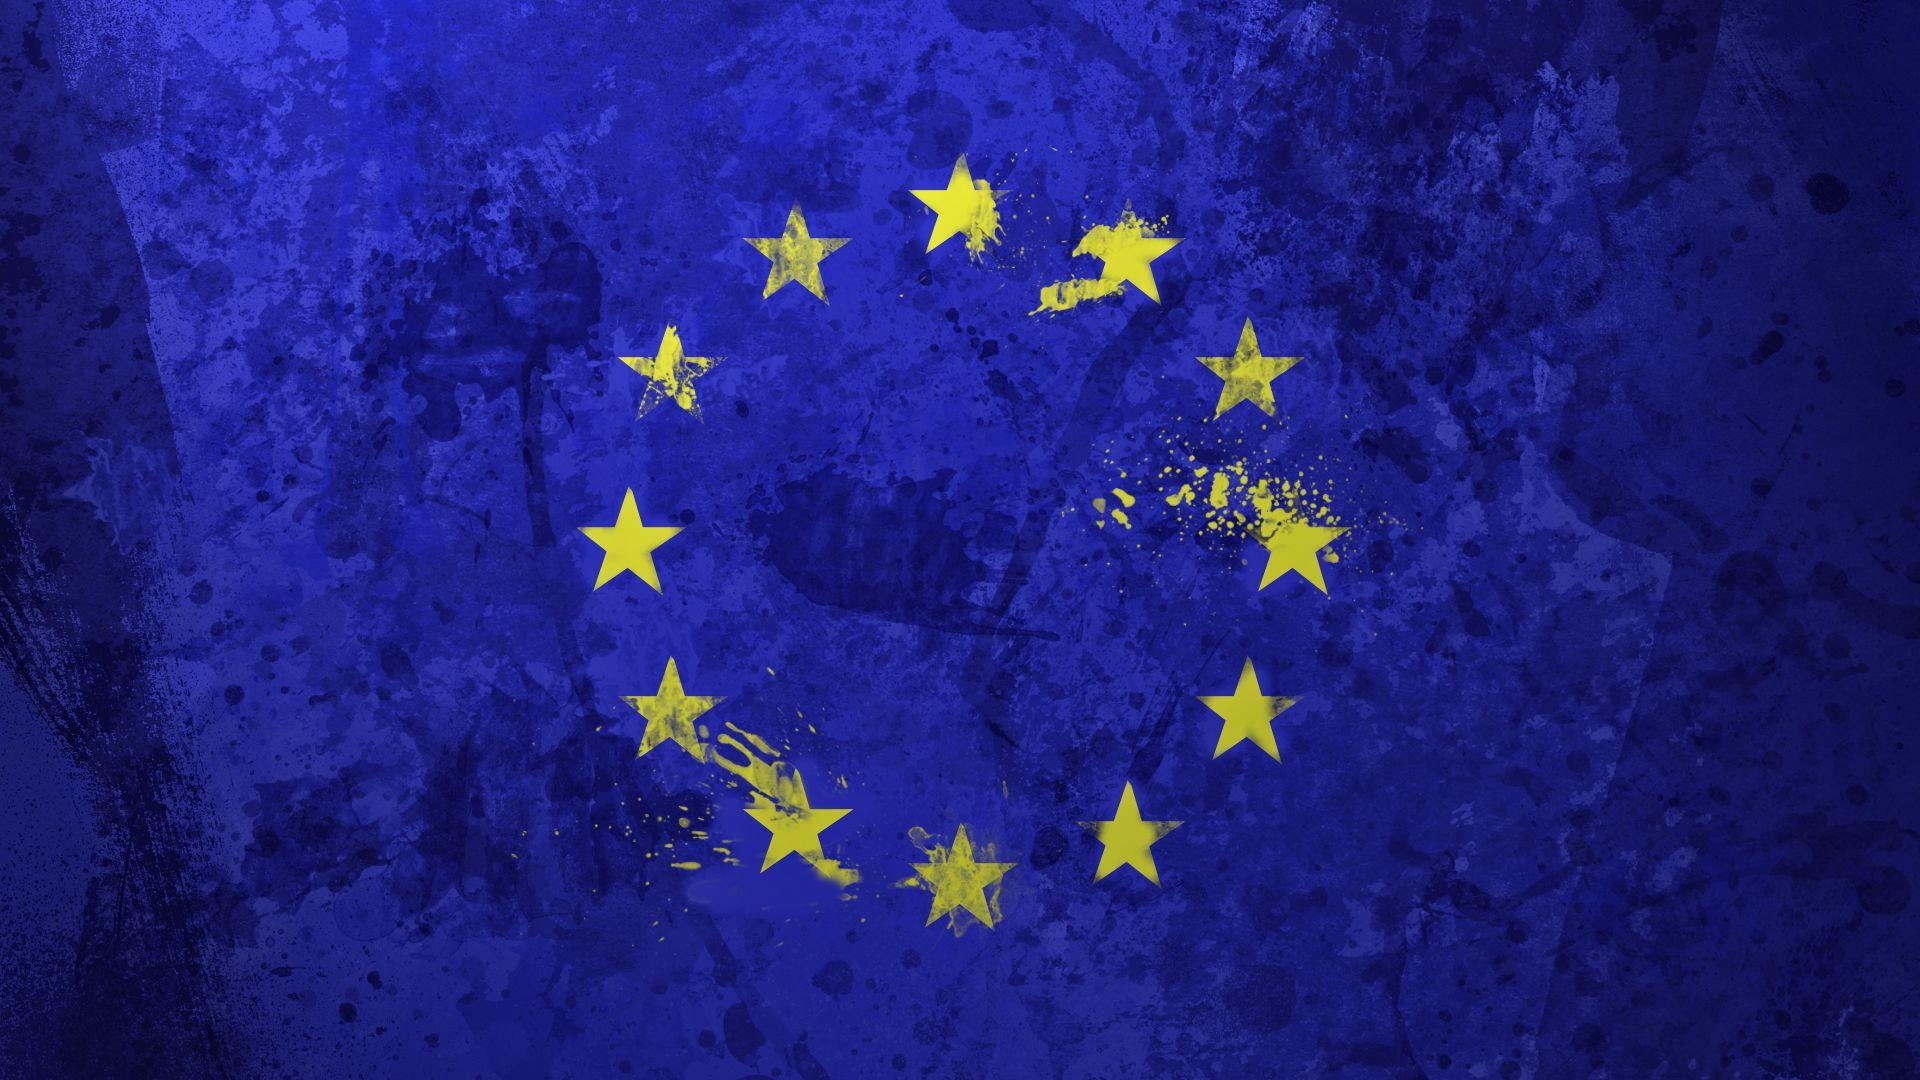 HALLESS nell'Artificial Intelligence della Comunità Europea